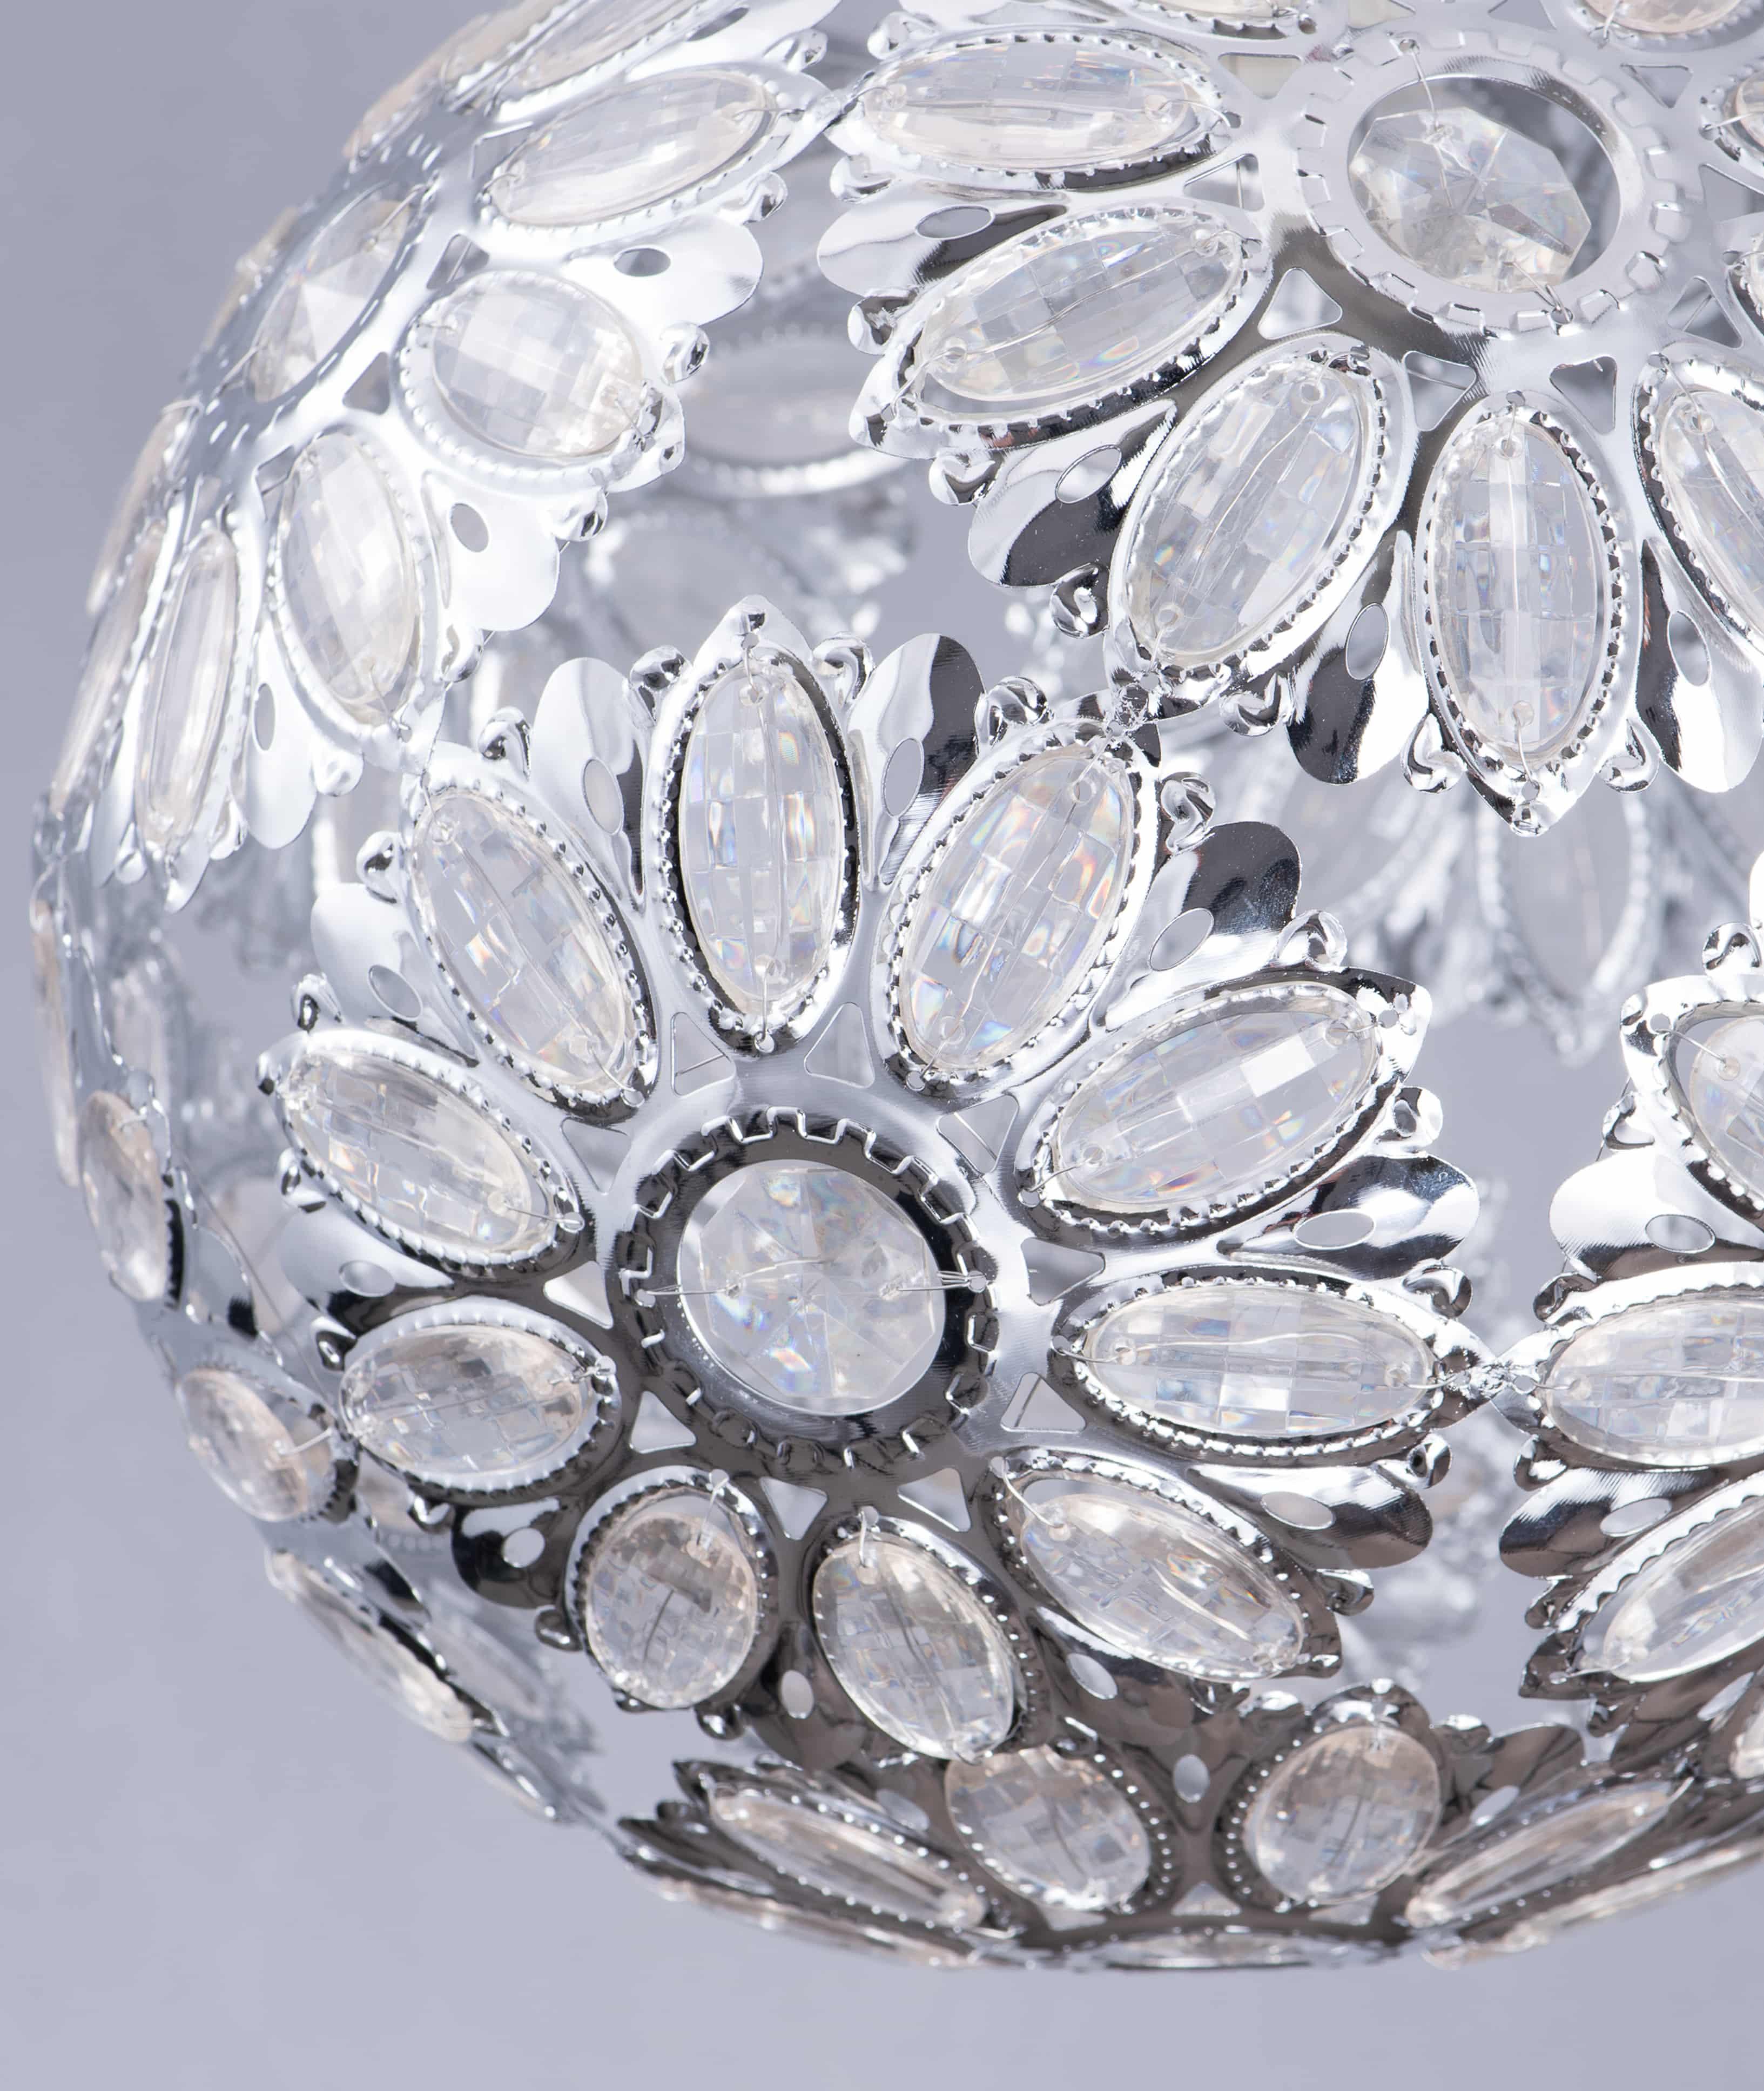 鍍鉻波斯蘭菊吊燈-BNL00086 3